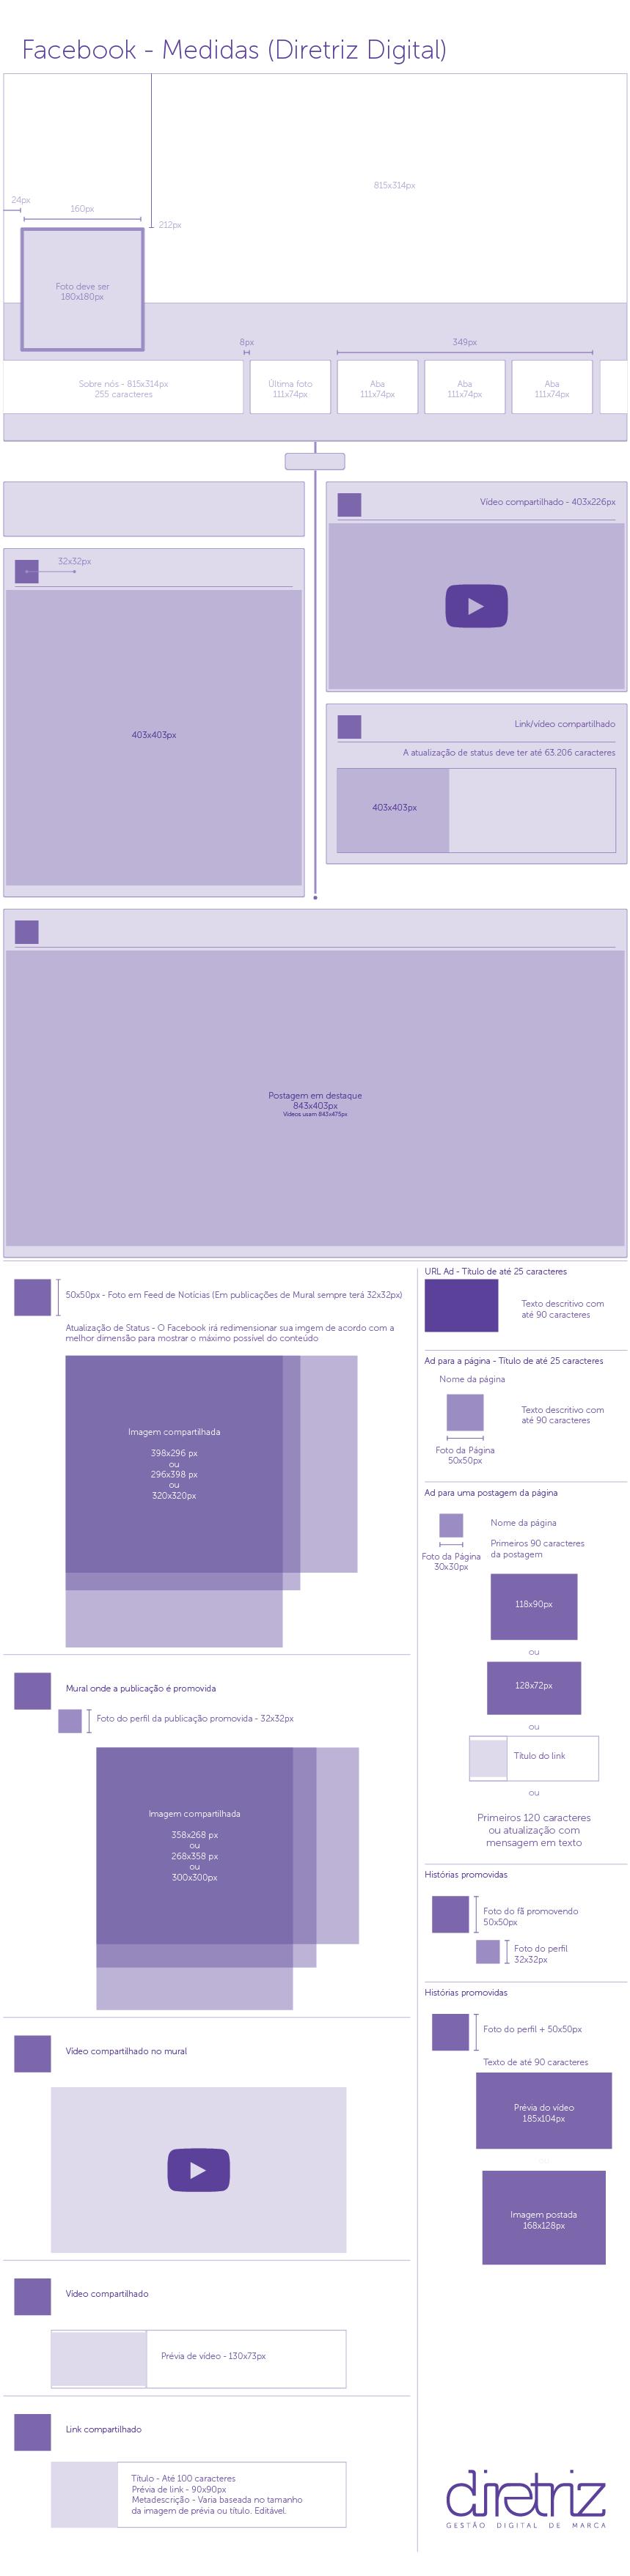 medidas-para-paginas-facebook-agencia-diretriz-digital-marketing